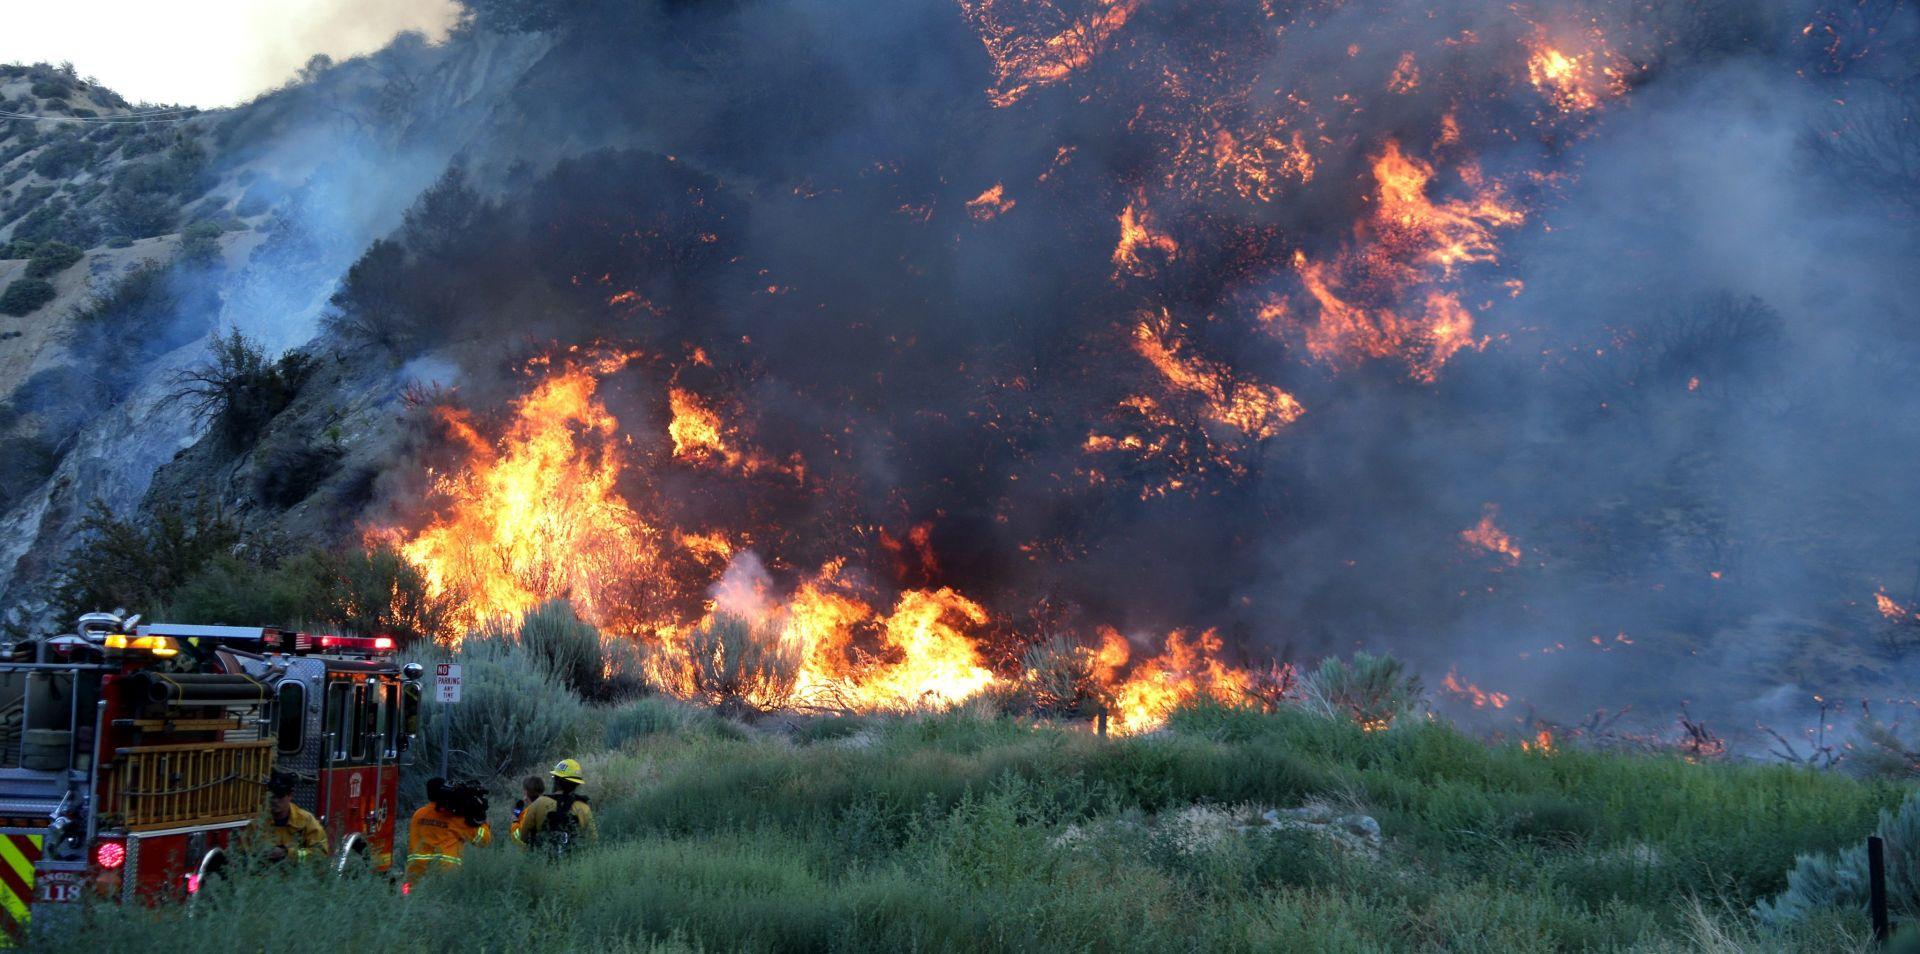 Vatrogasci uglavnom ukrotili požar u južnoj Kaliforniji